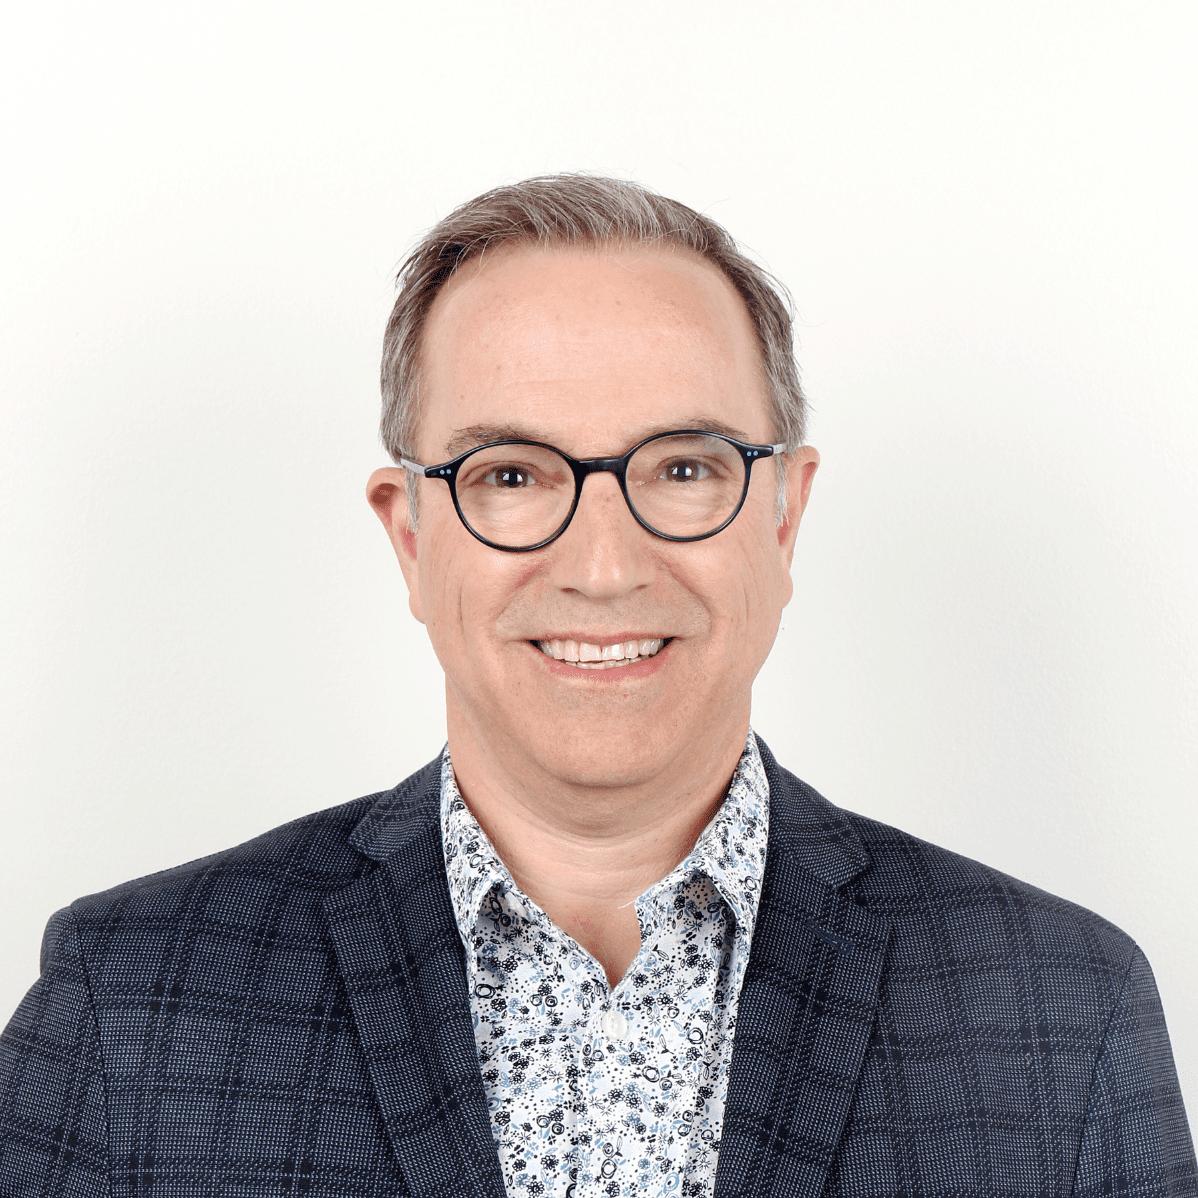 Directeur général de l'ACELF - Richard Lacombe